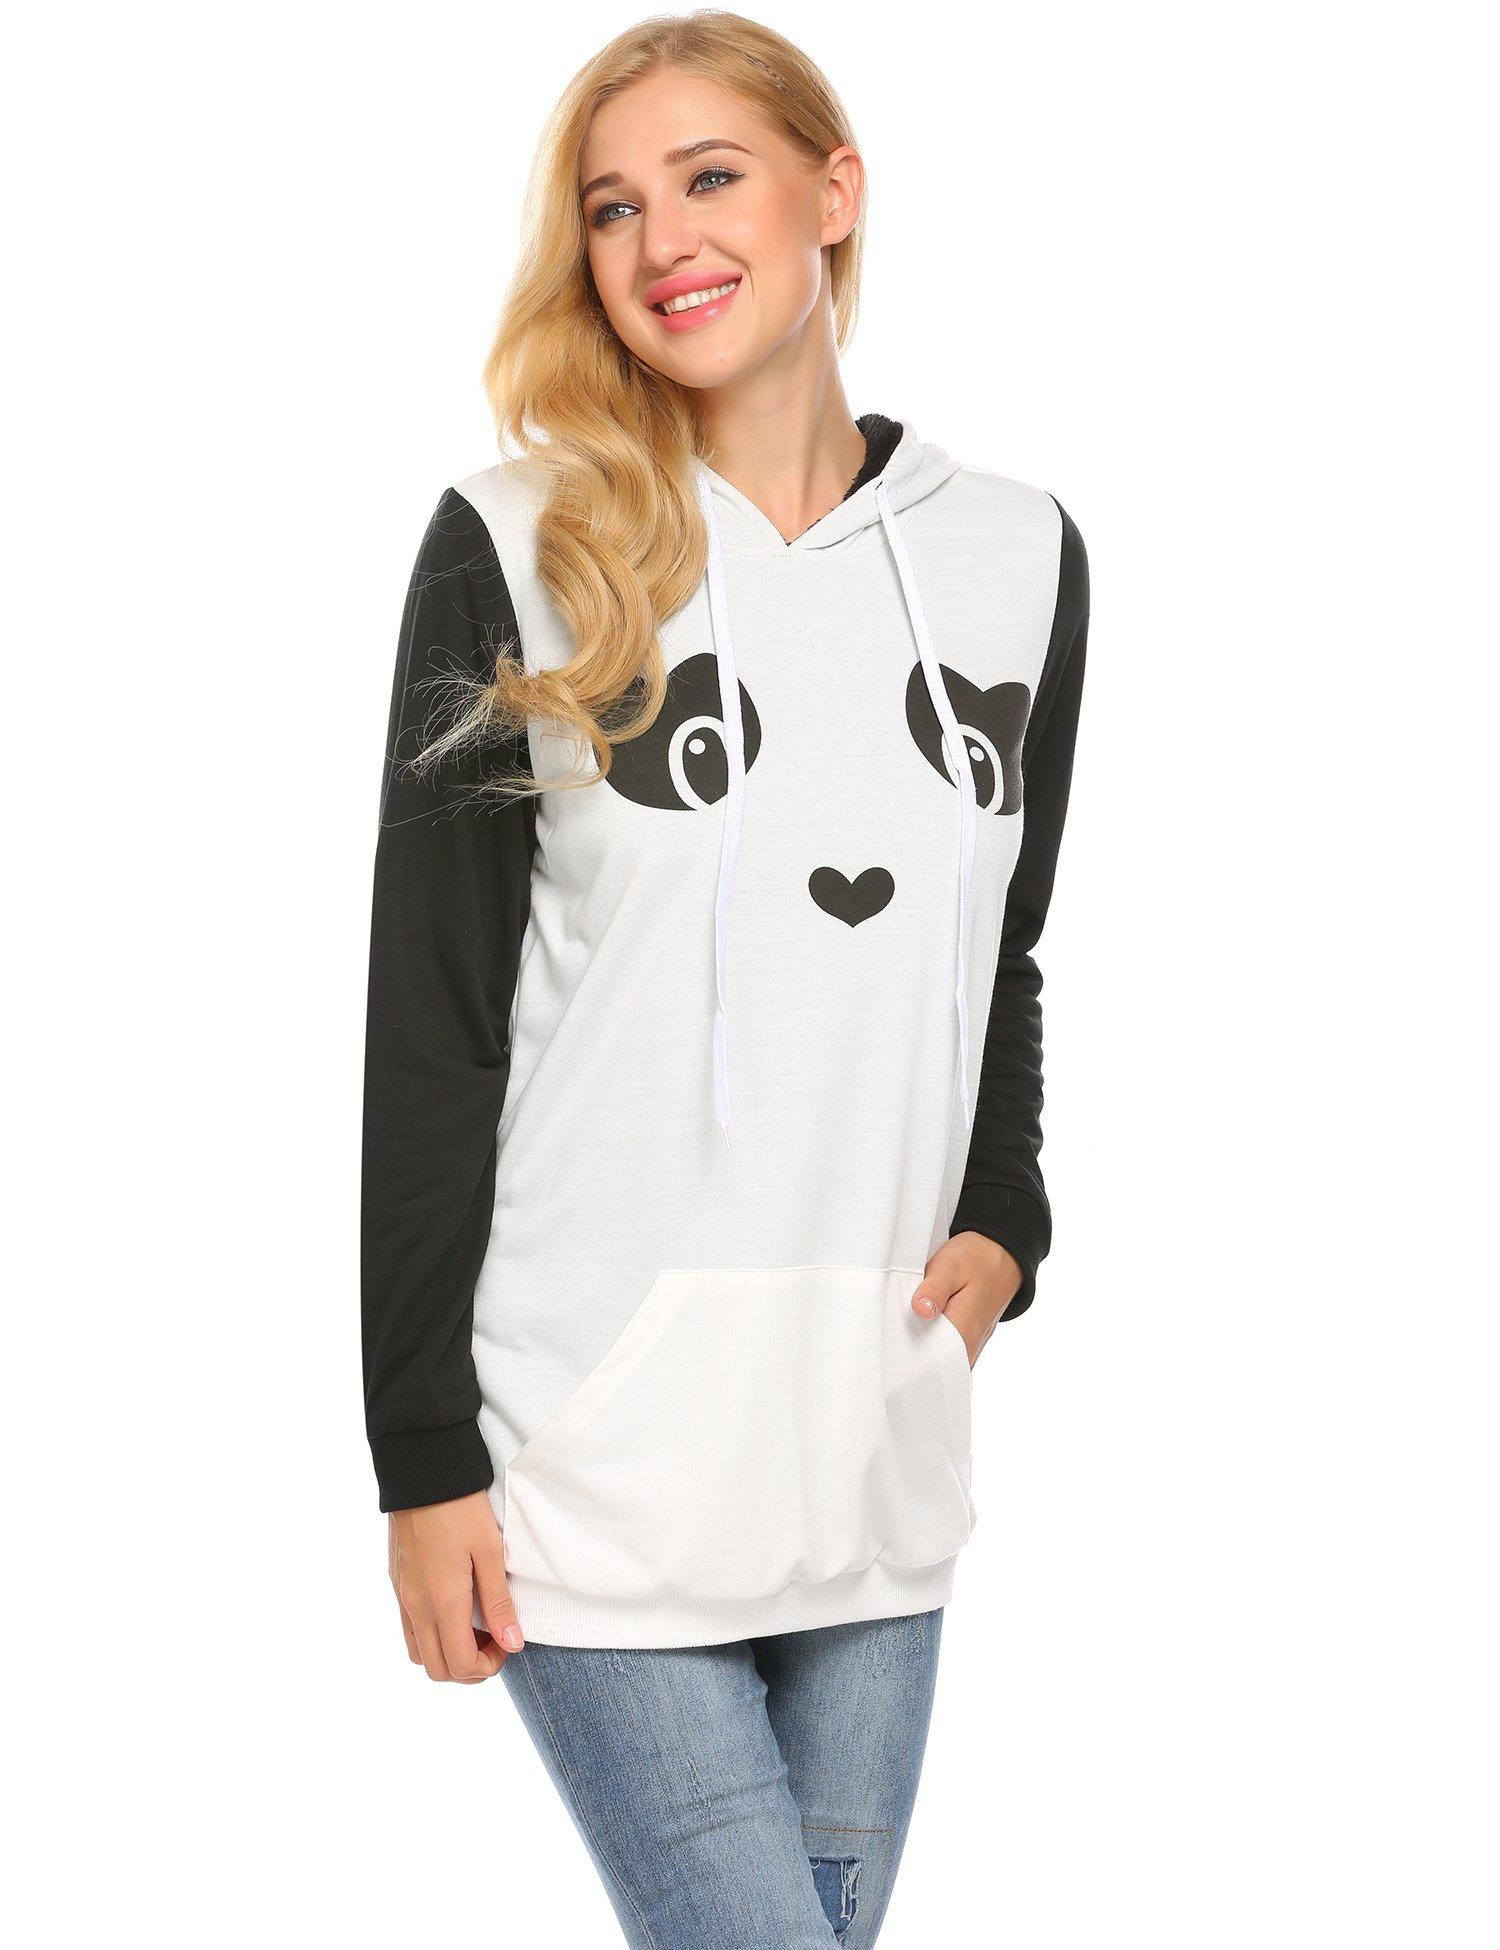 Zeagoo Women's Loose Fit Pullover Hoodie Sweatshirt with Kangaroo Pocket,White,M by Zeagoo (Image #3)